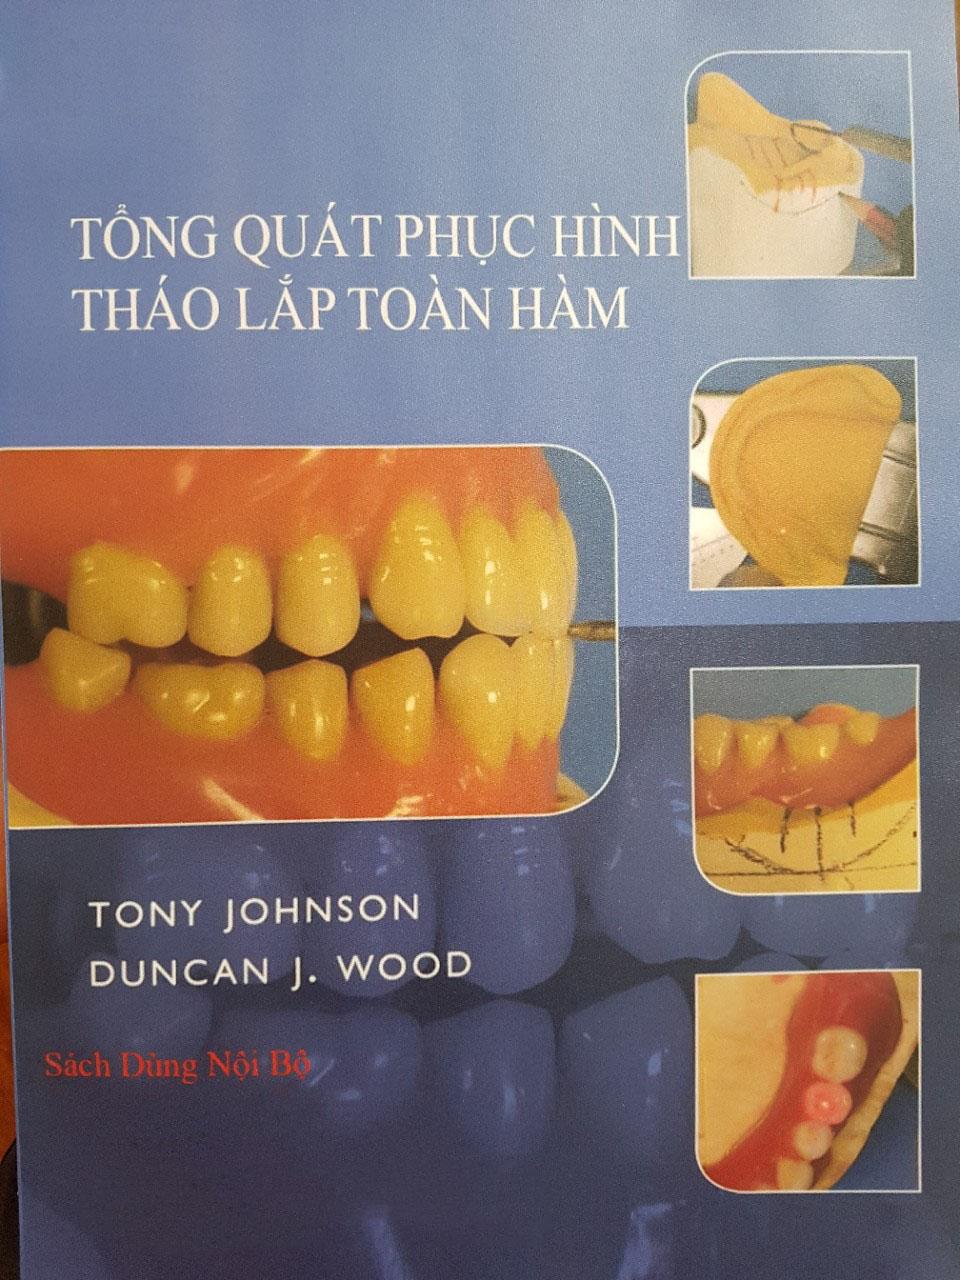 tong-quan-phuc-hinh-thao-lap-toan-ham